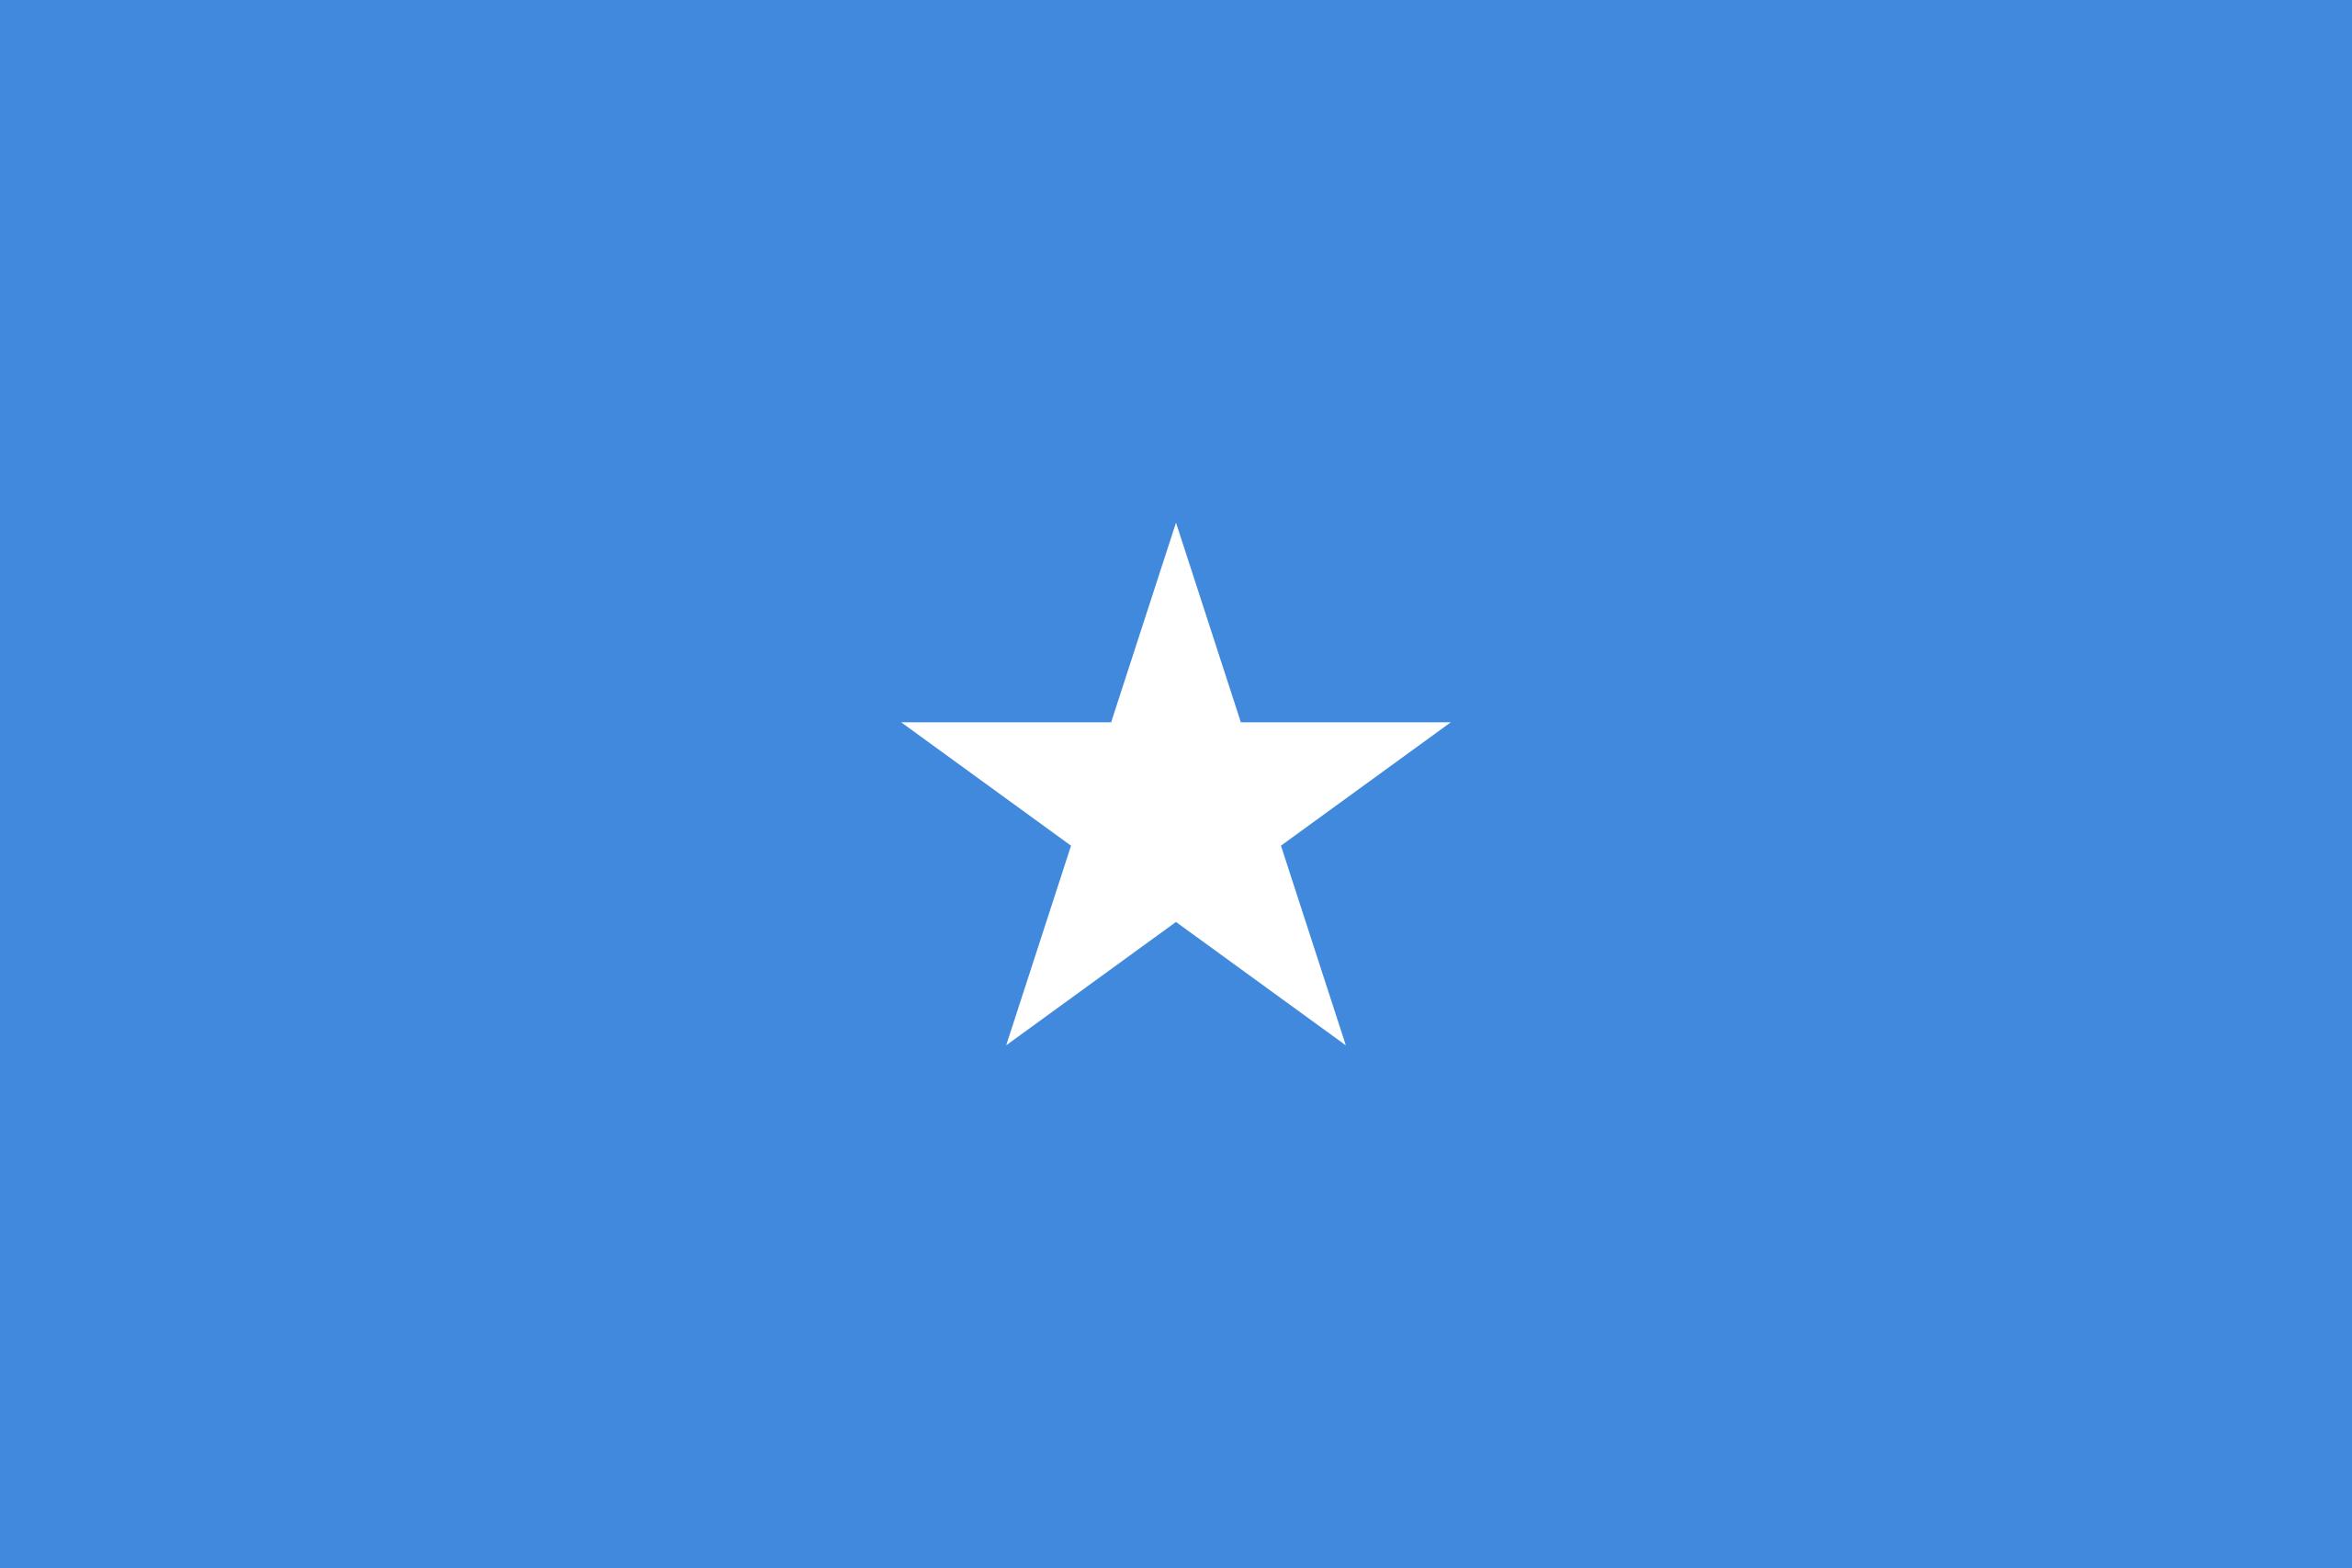 somalia, país, emblema, insignia, símbolo - Fondos de Pantalla HD - professor-falken.com